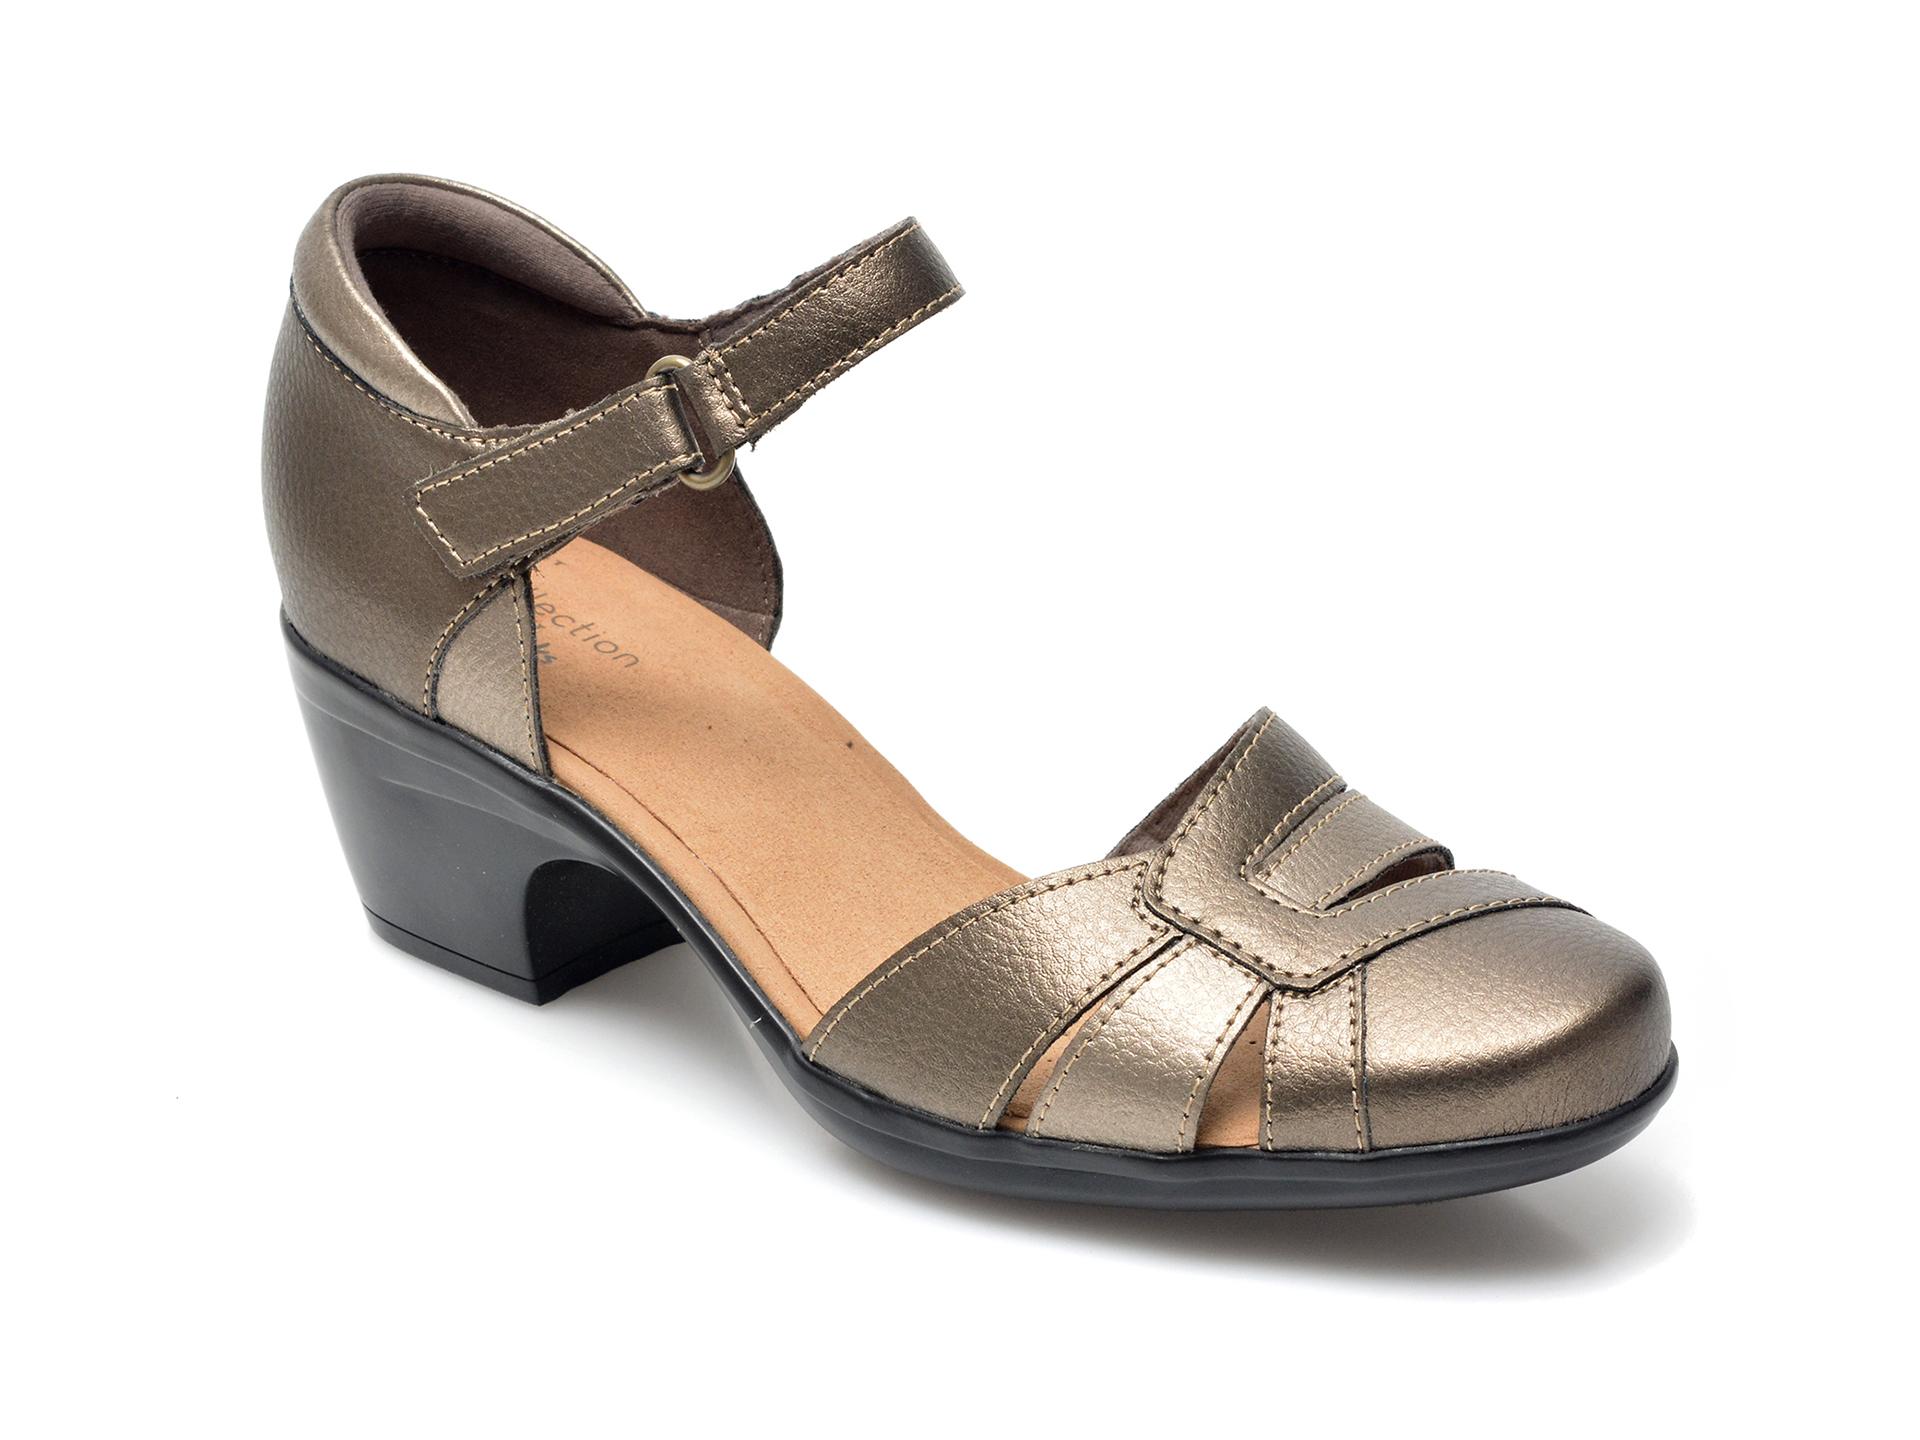 Sandale CLARKS aurii, Flex Sun, din piele naturala